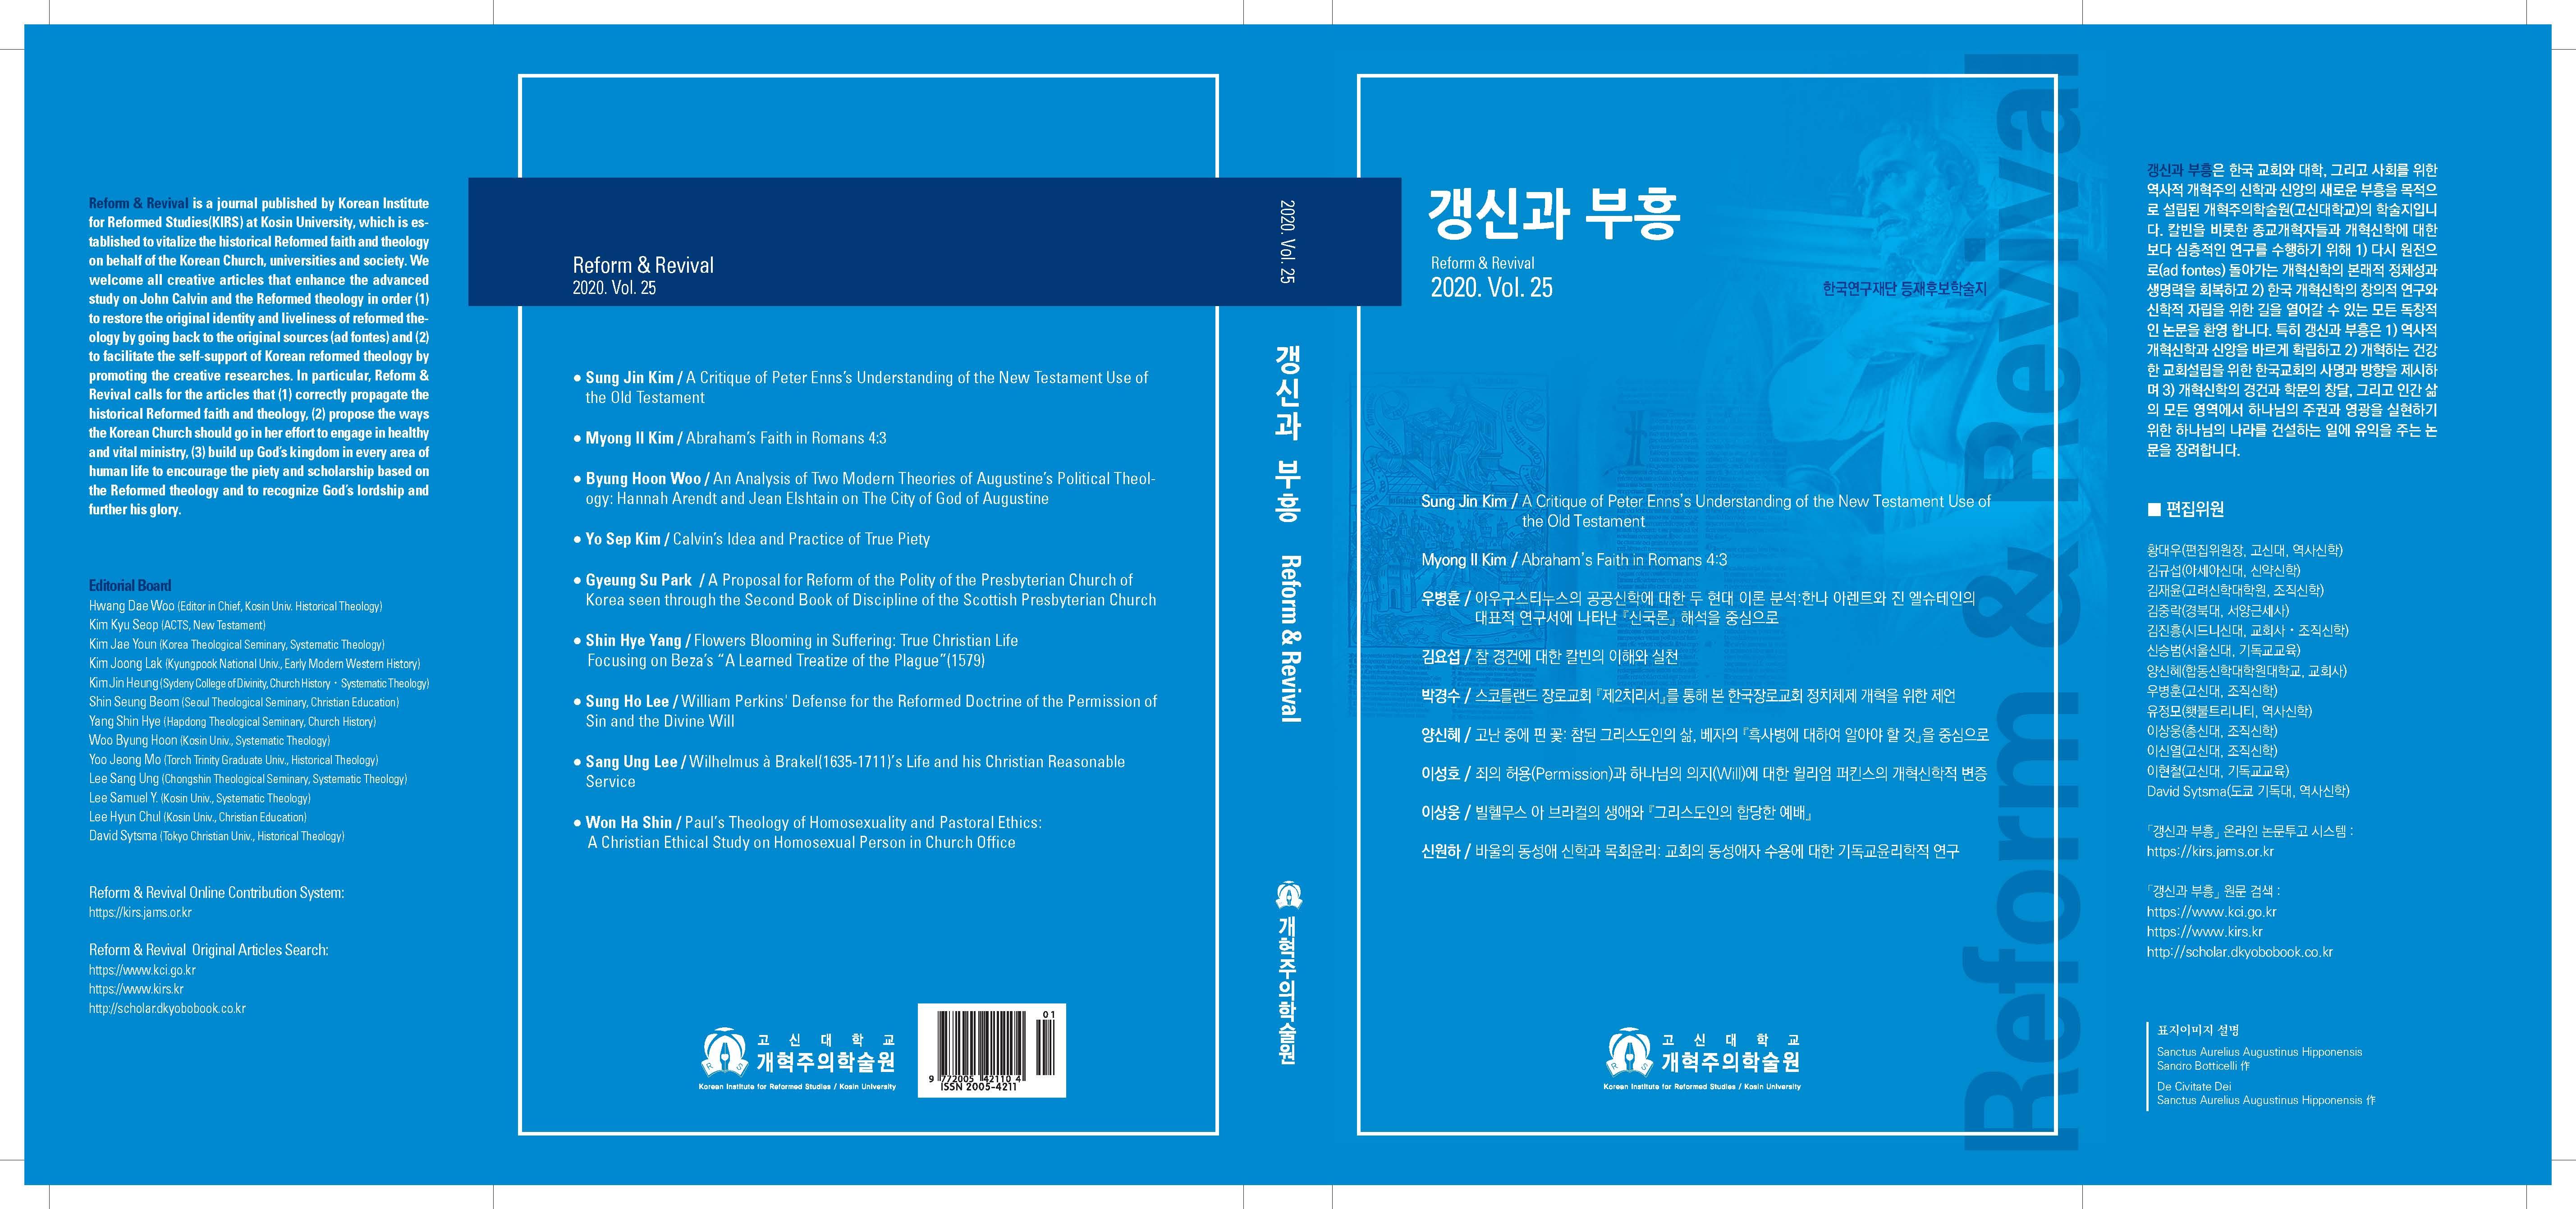 c표지-갱신과부흥 Vol.25-ver5.jpg